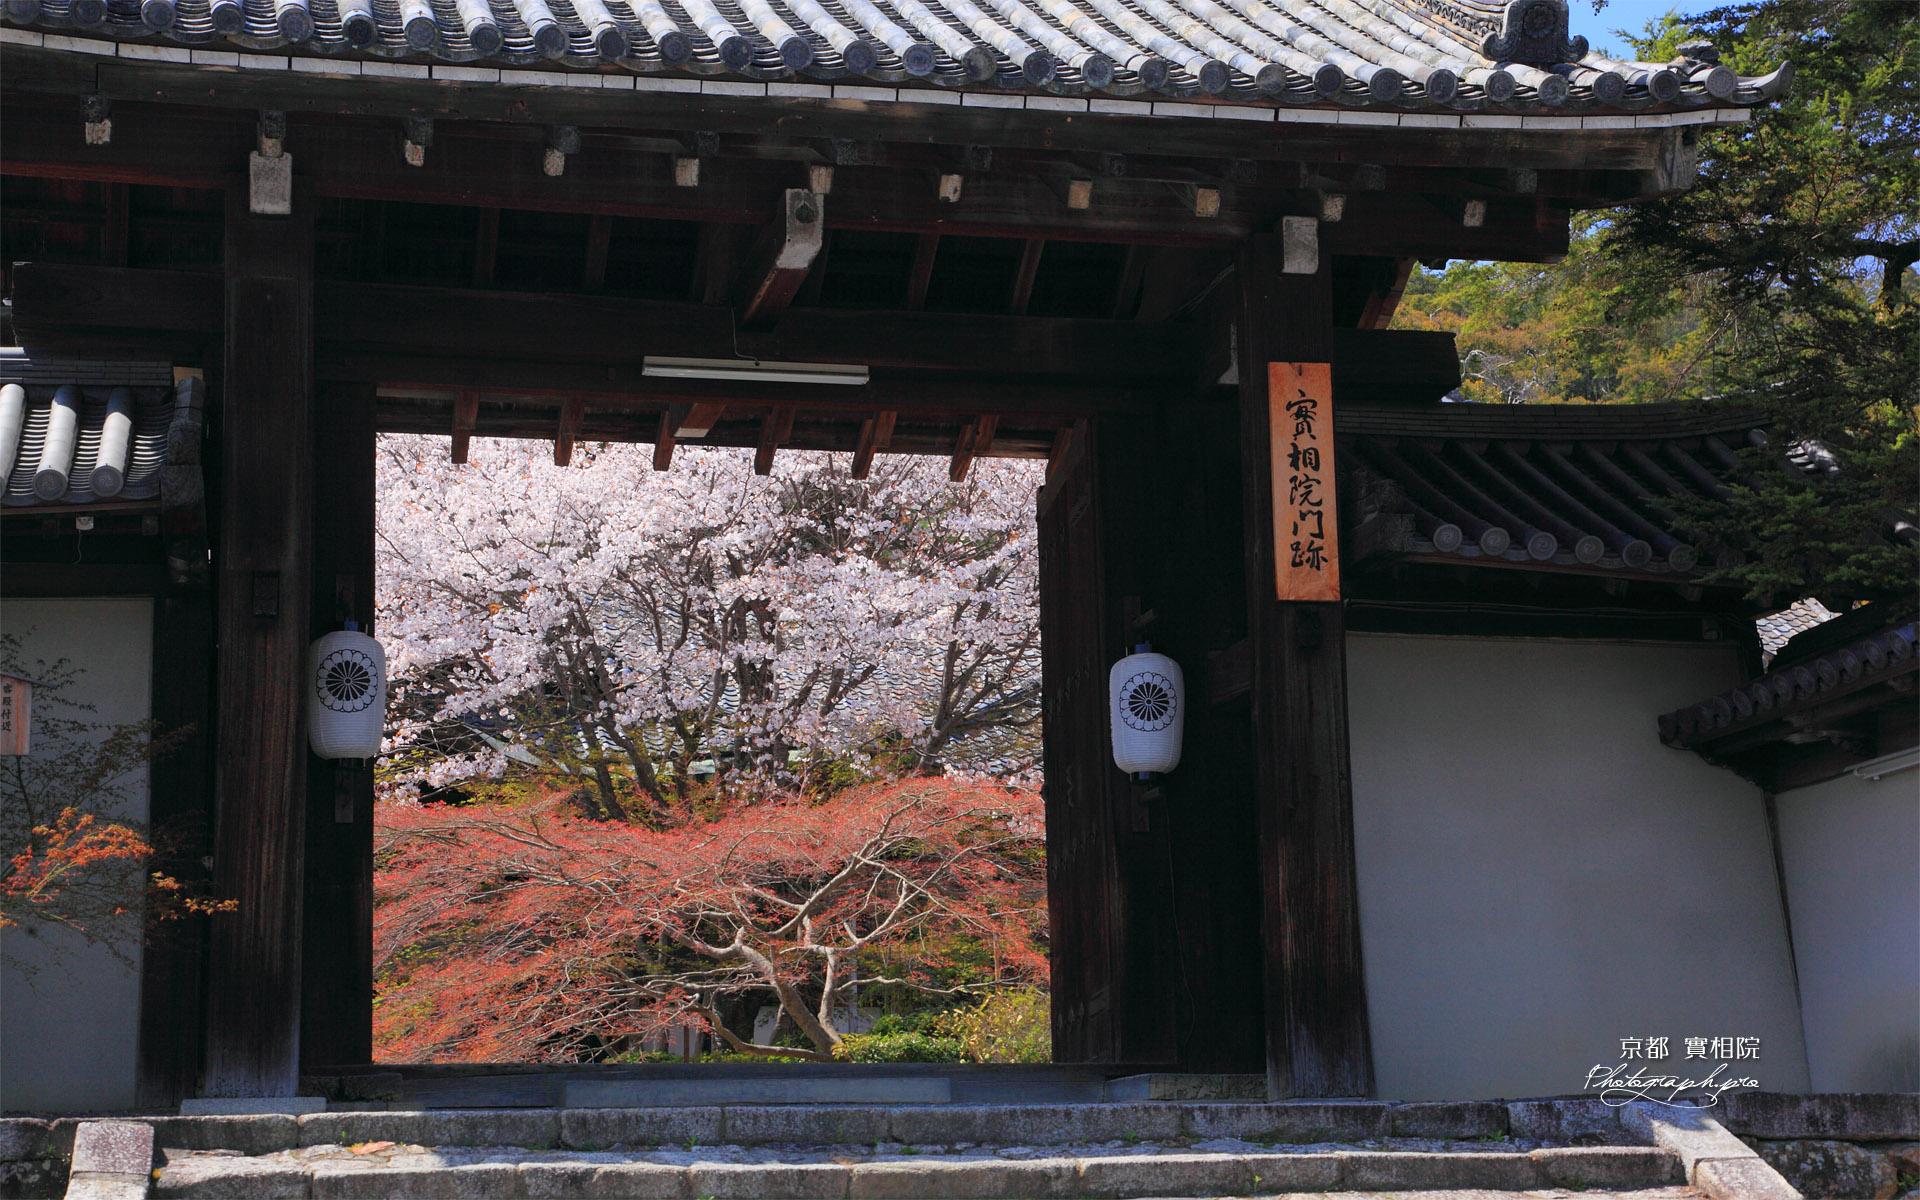 実相院 御門越しの山桜